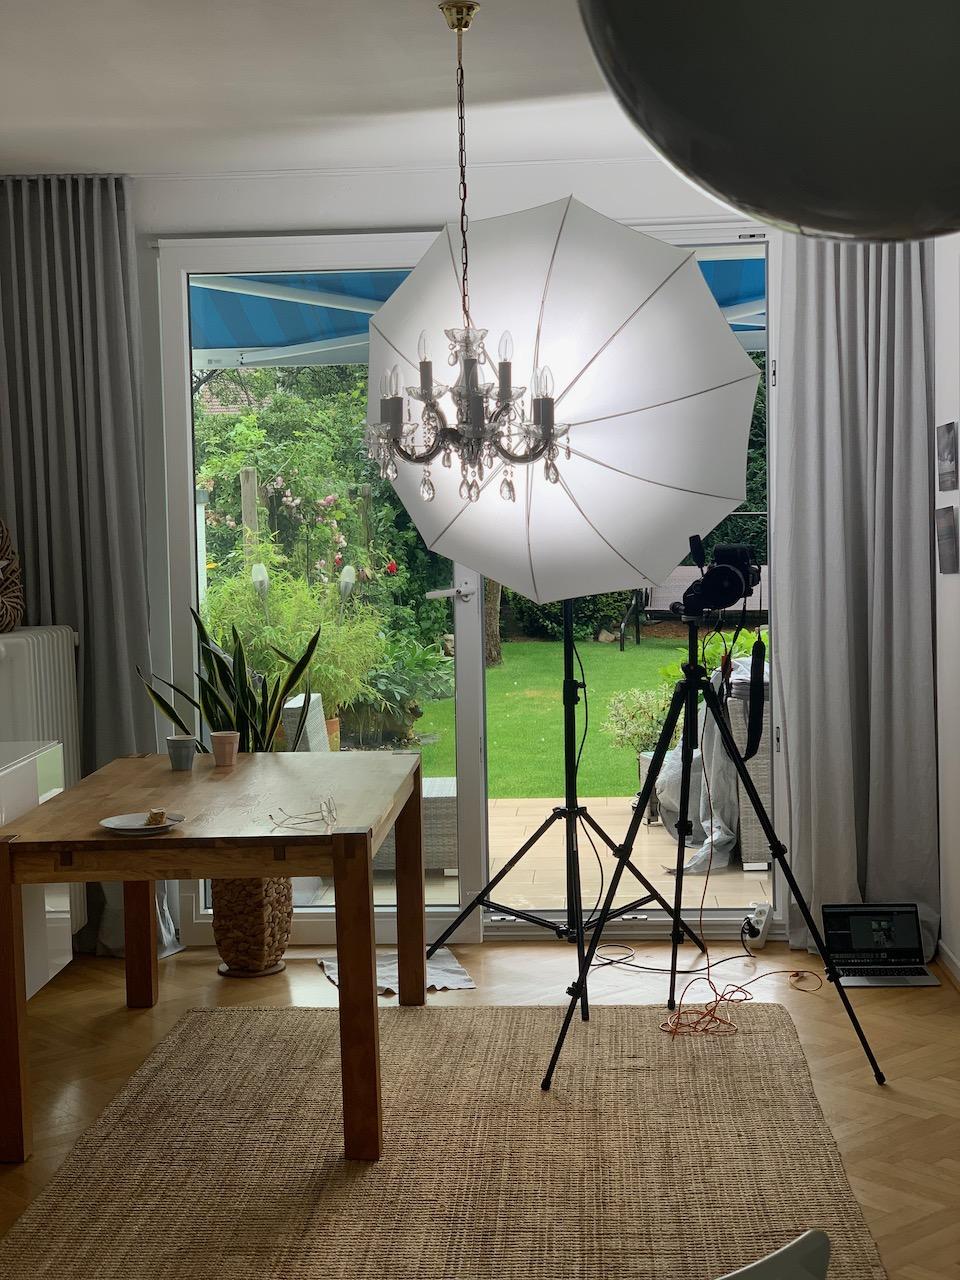 Blick in mein Wohnzimmer, das vollsteht mit Foto-Equipment: Foto: Susanne Ackstaller